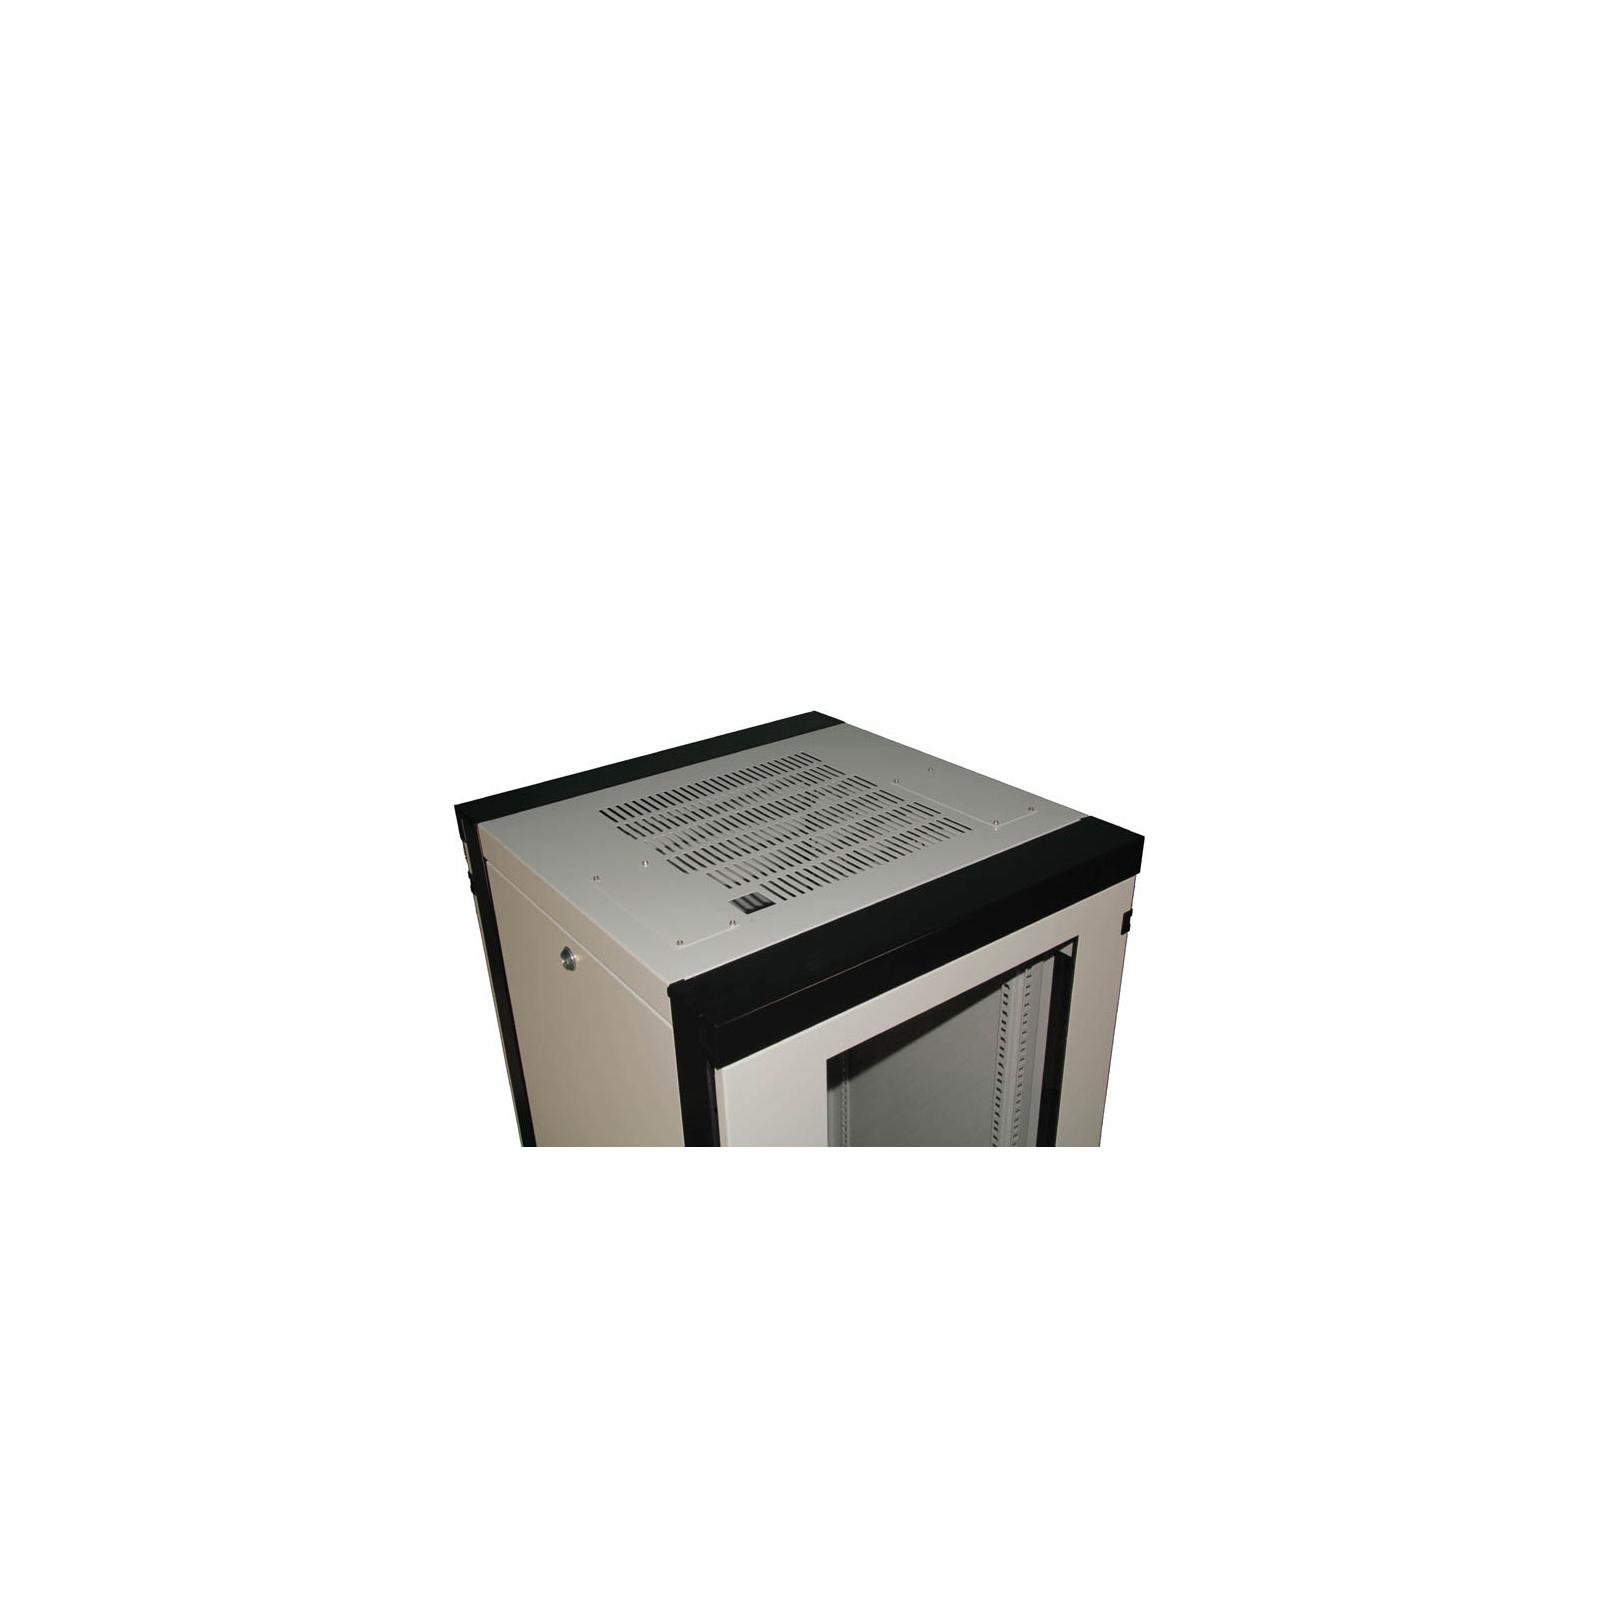 Шкаф напольный CSV 42U Lite Plus 600х600 (скло) (42U Lite Plus) изображение 2